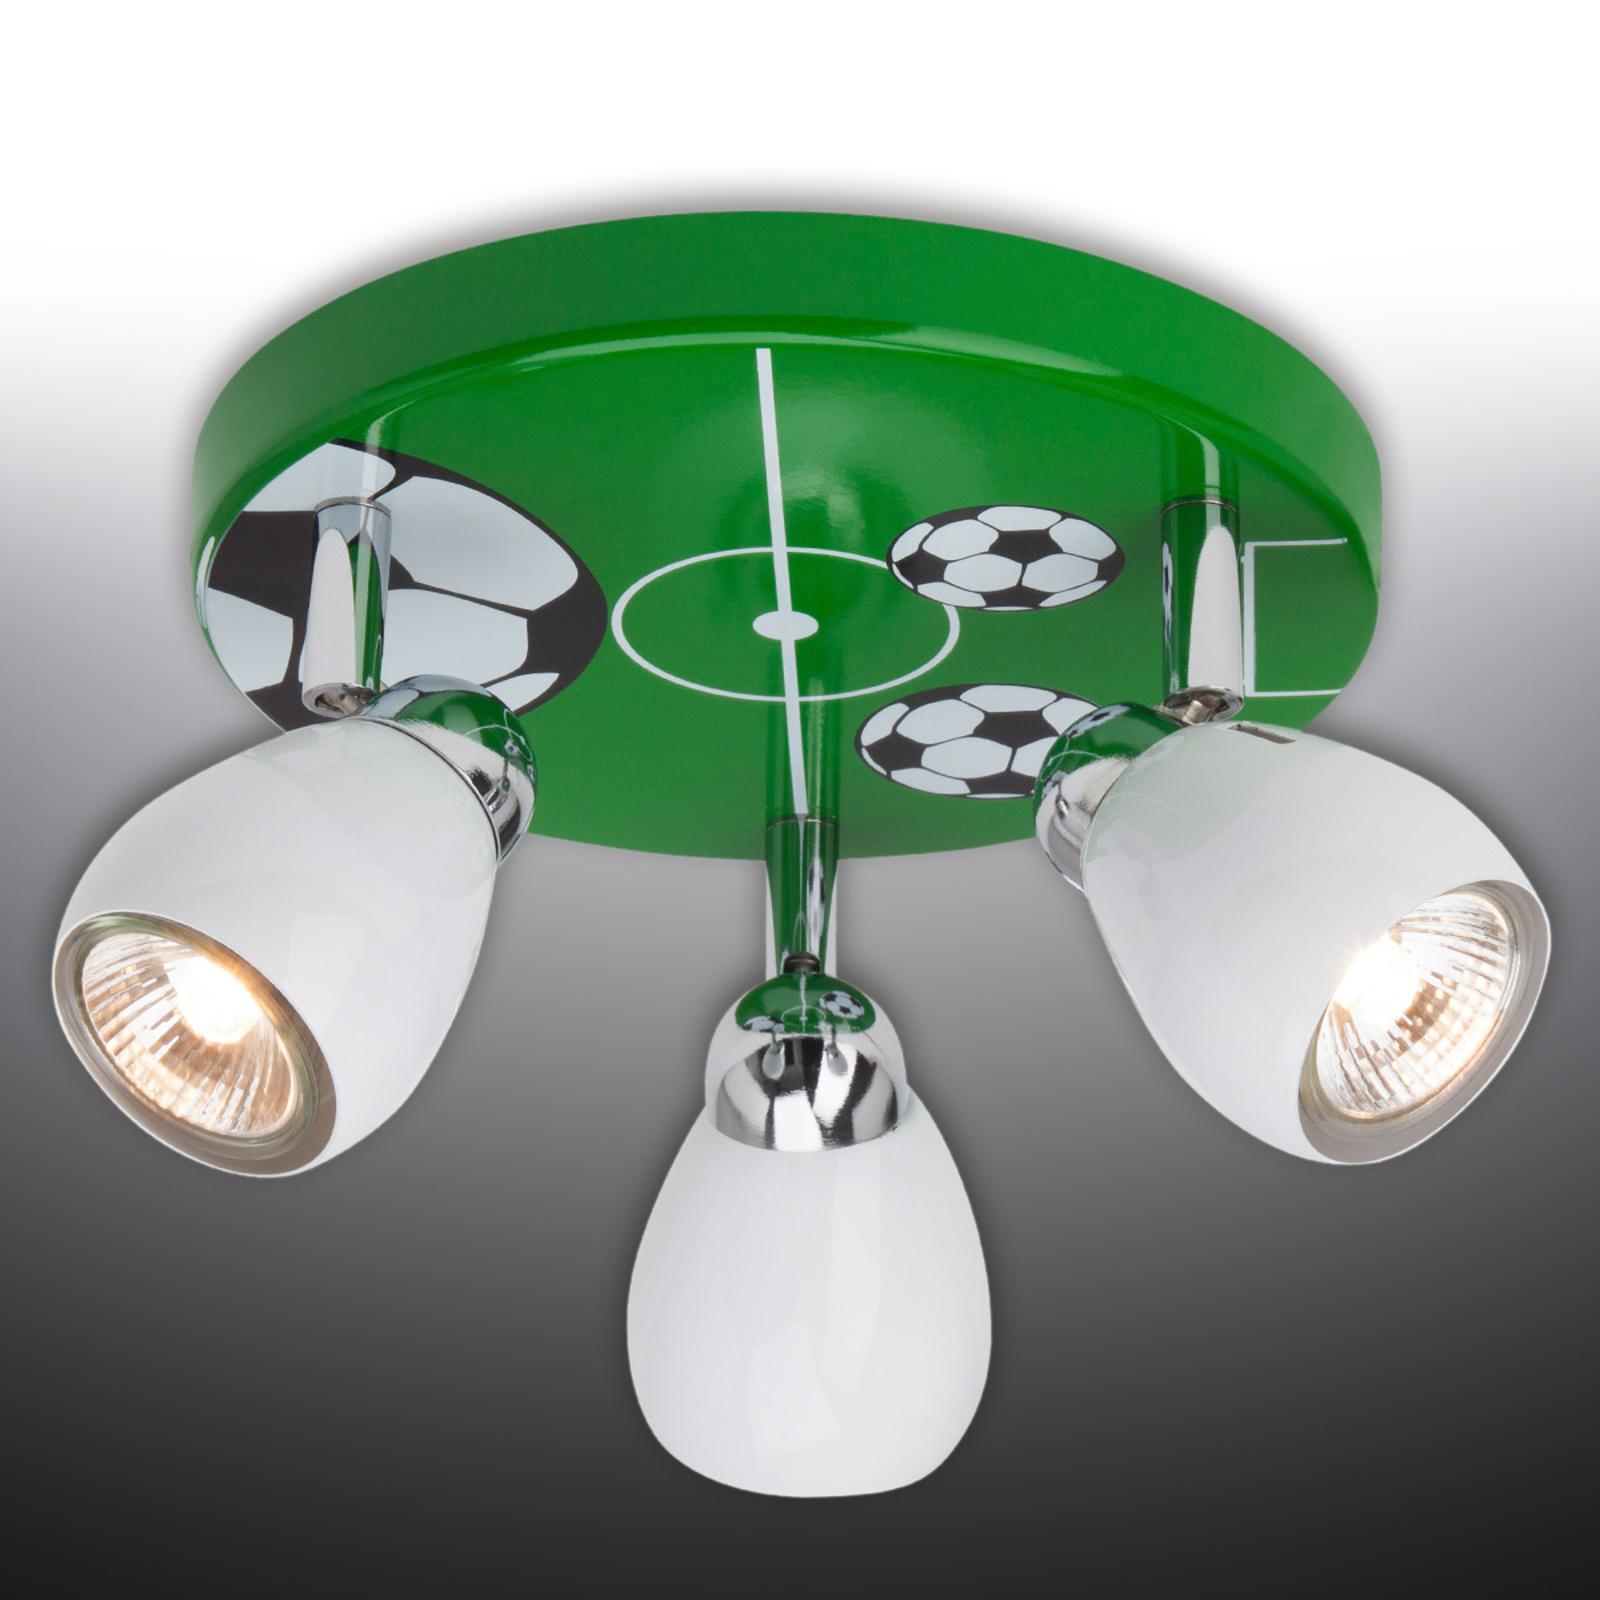 LED-taklampa Soccer, 3 lampor